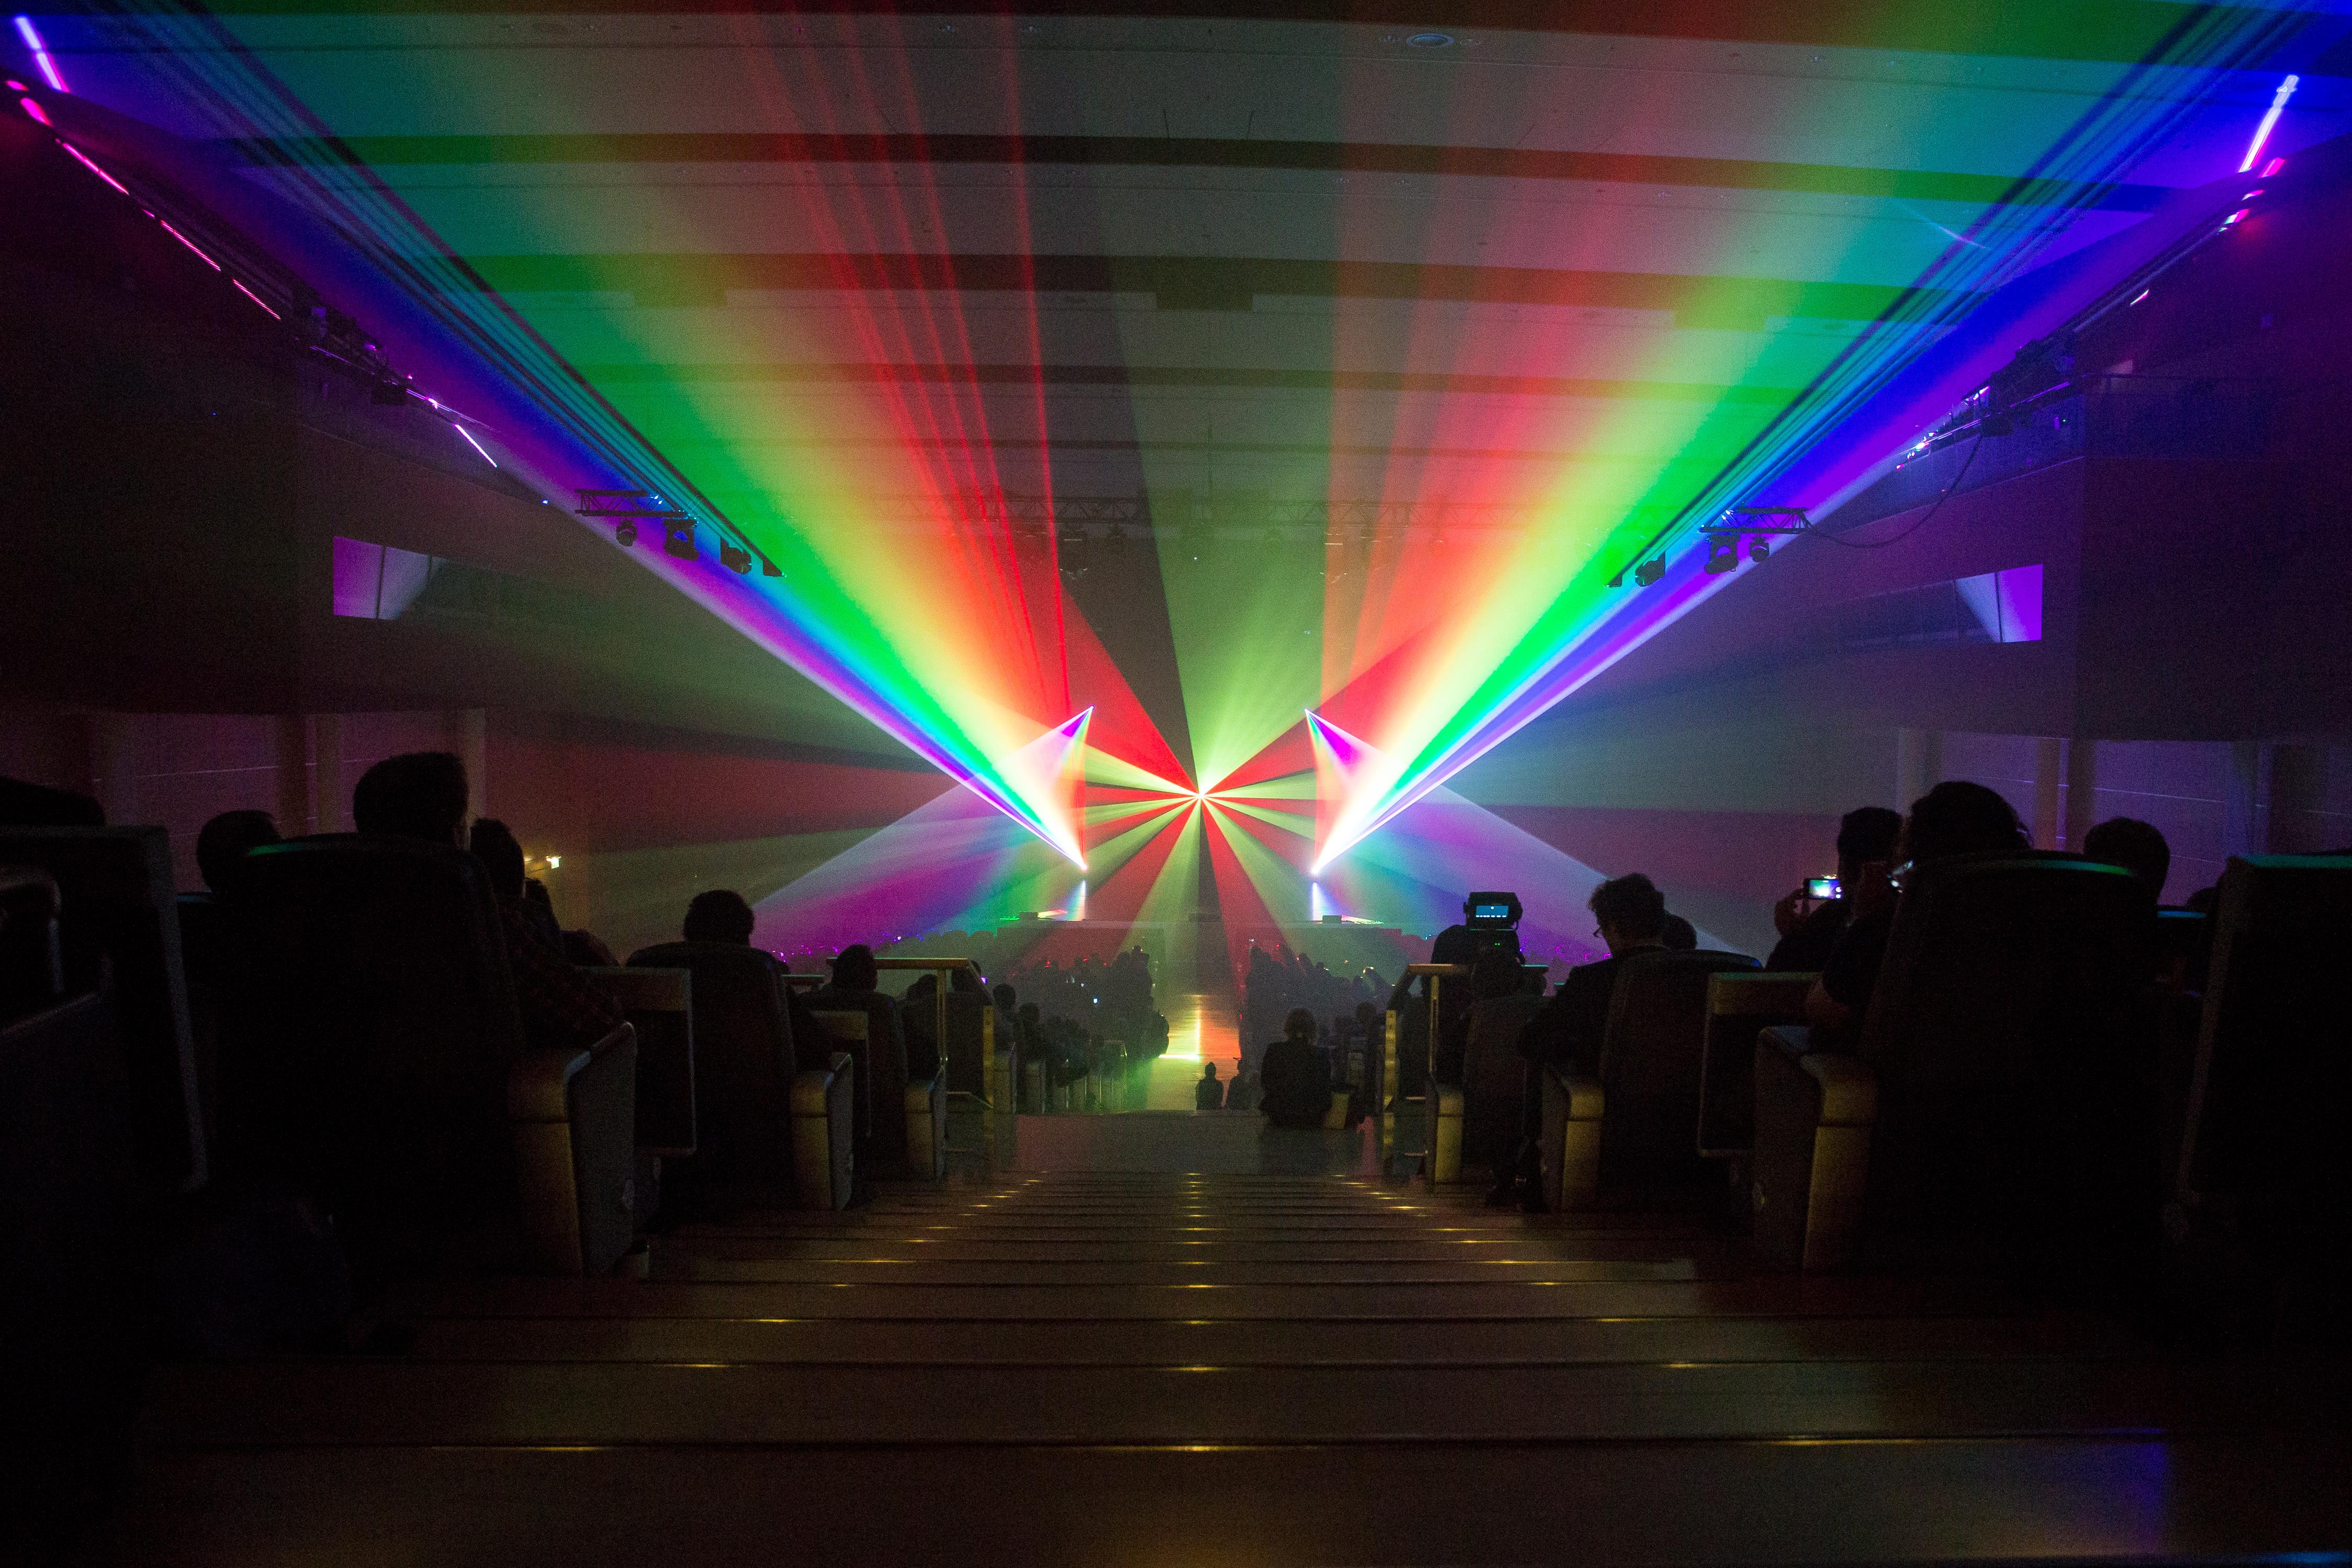 Hadoop corporate laser show intro